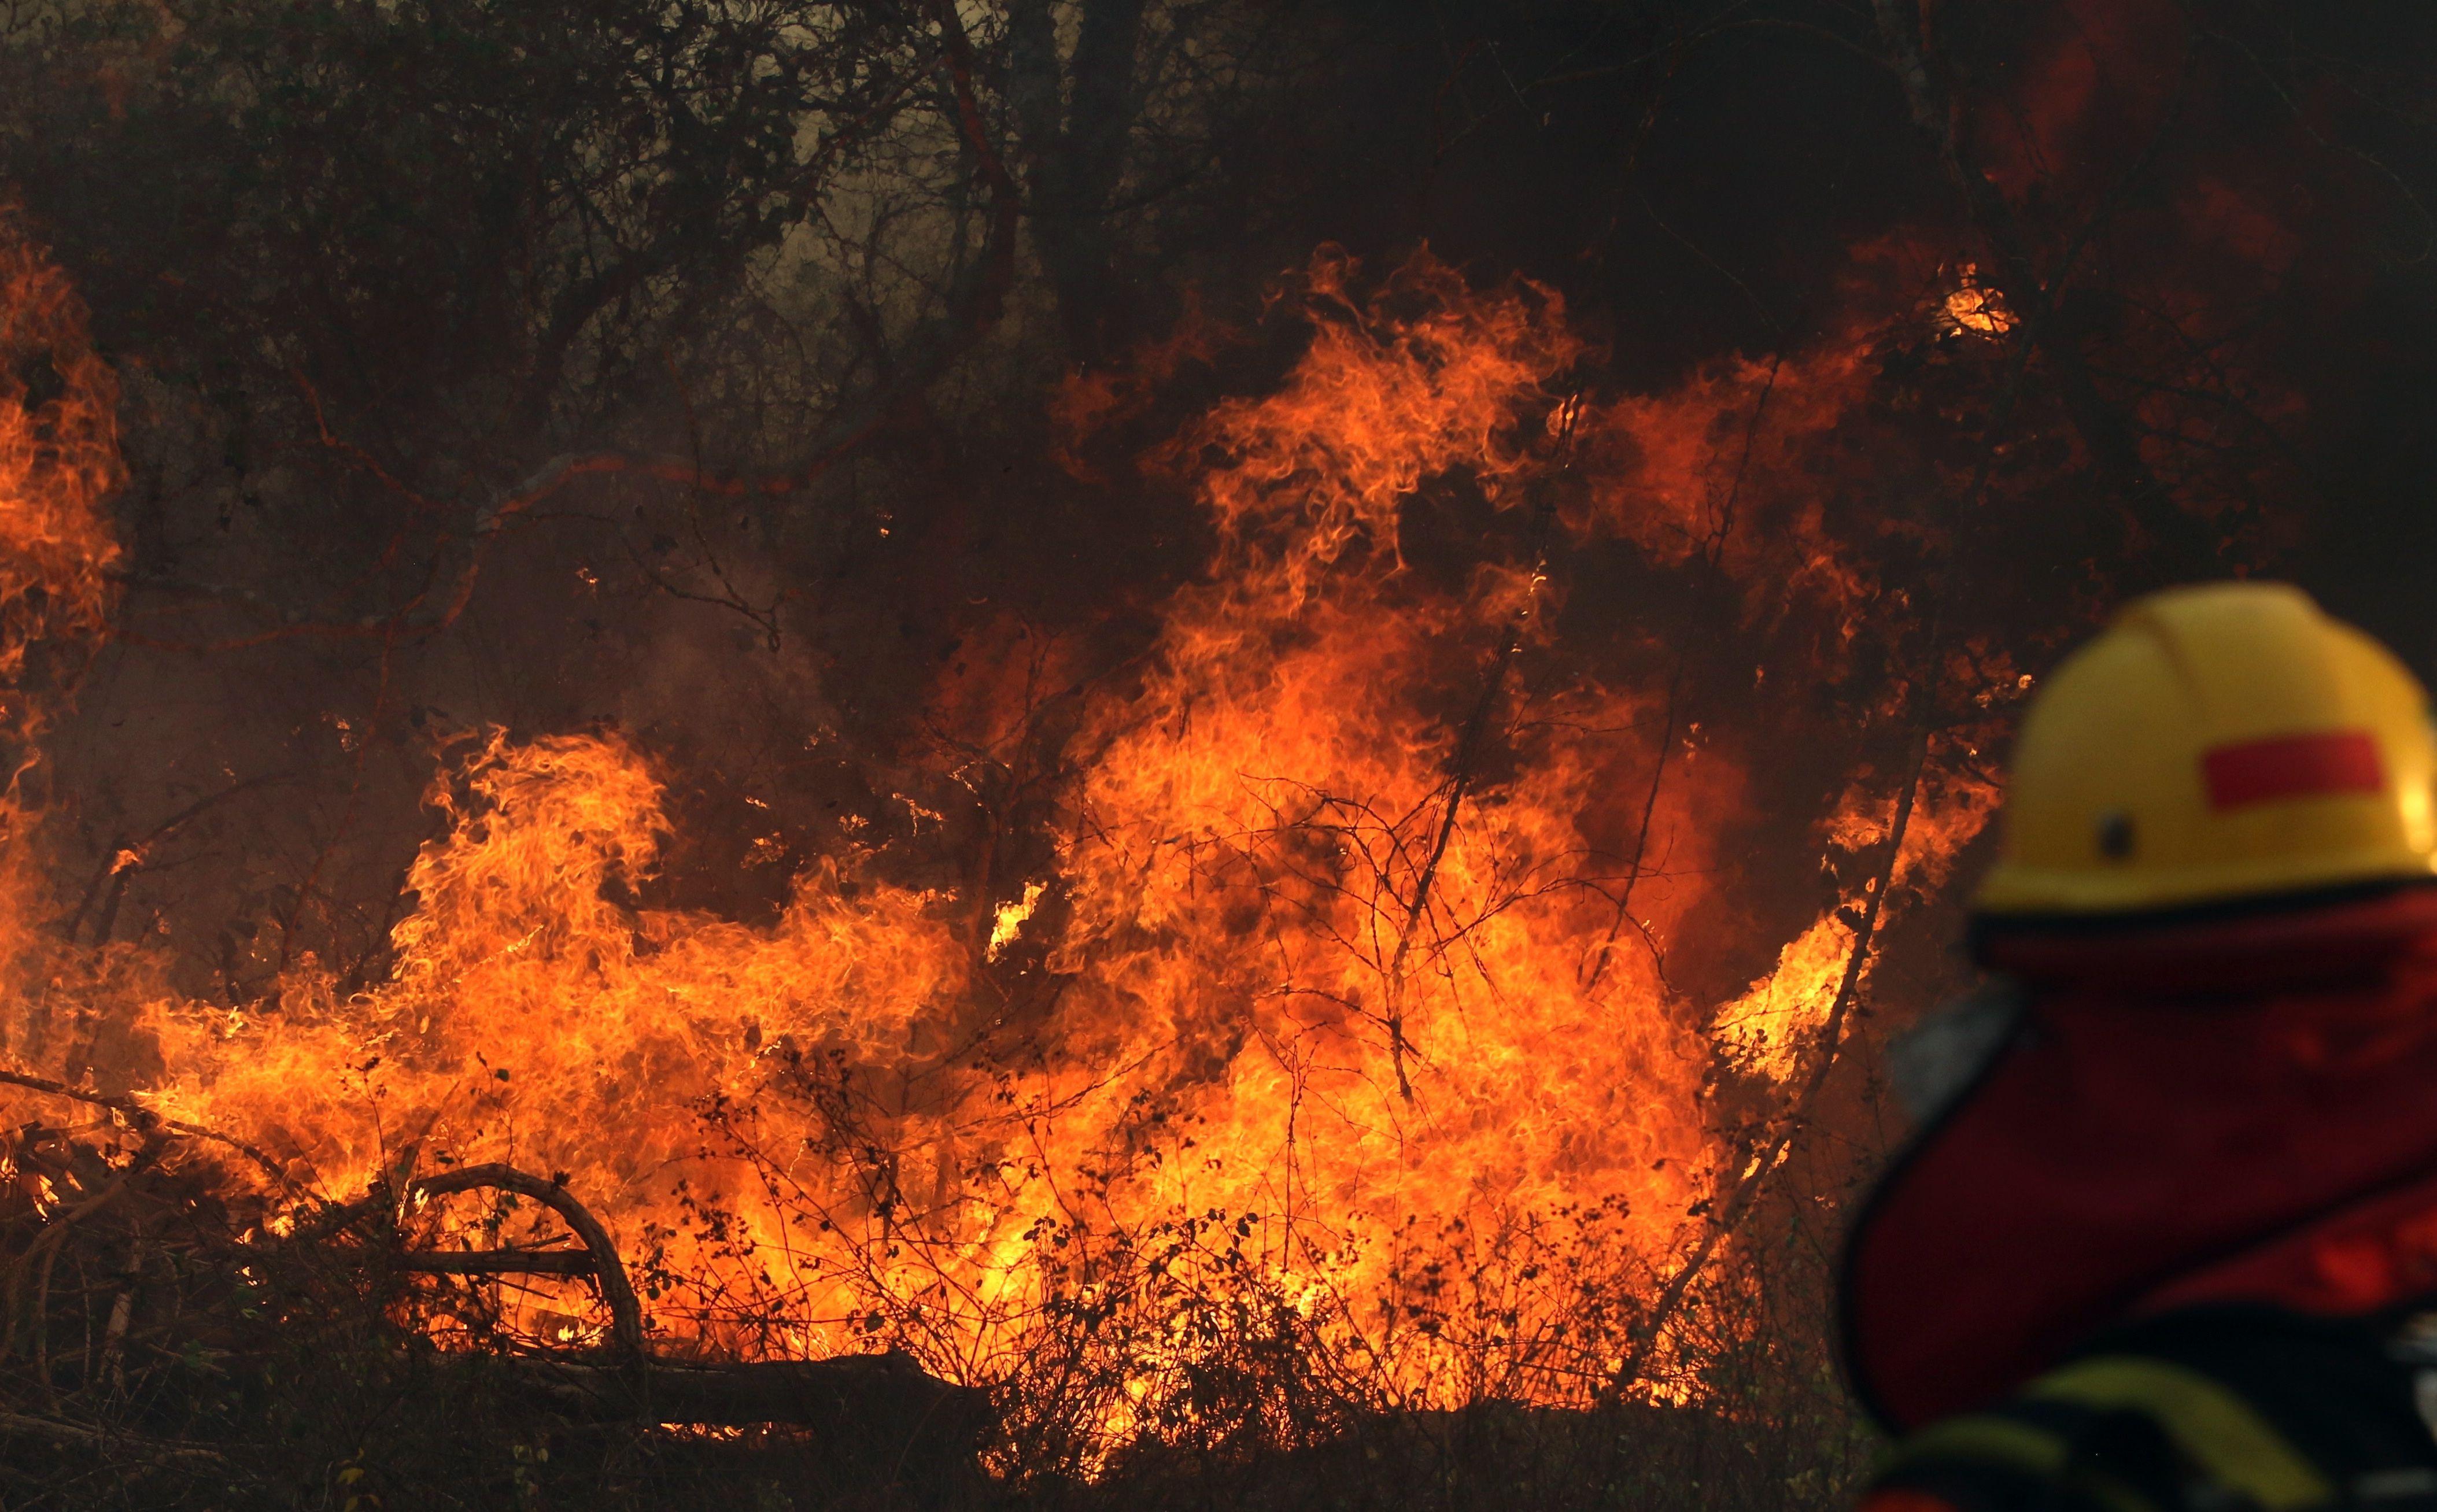 In Brasile stanno bruciando i polmoni del mondo, e le conseguenze saranno di tutti